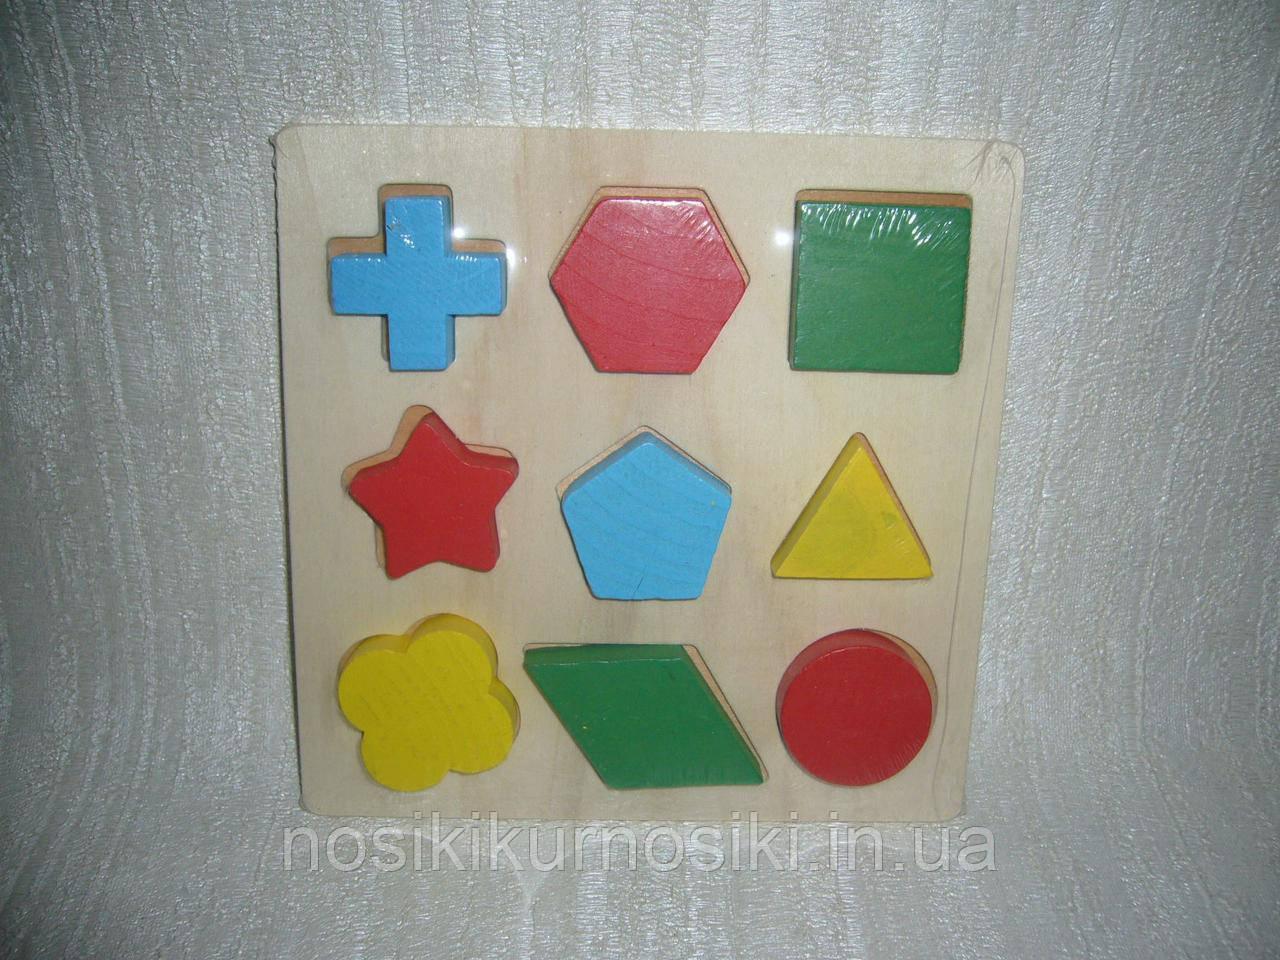 Деревянная игрушка Геометрика геометрические фигуры